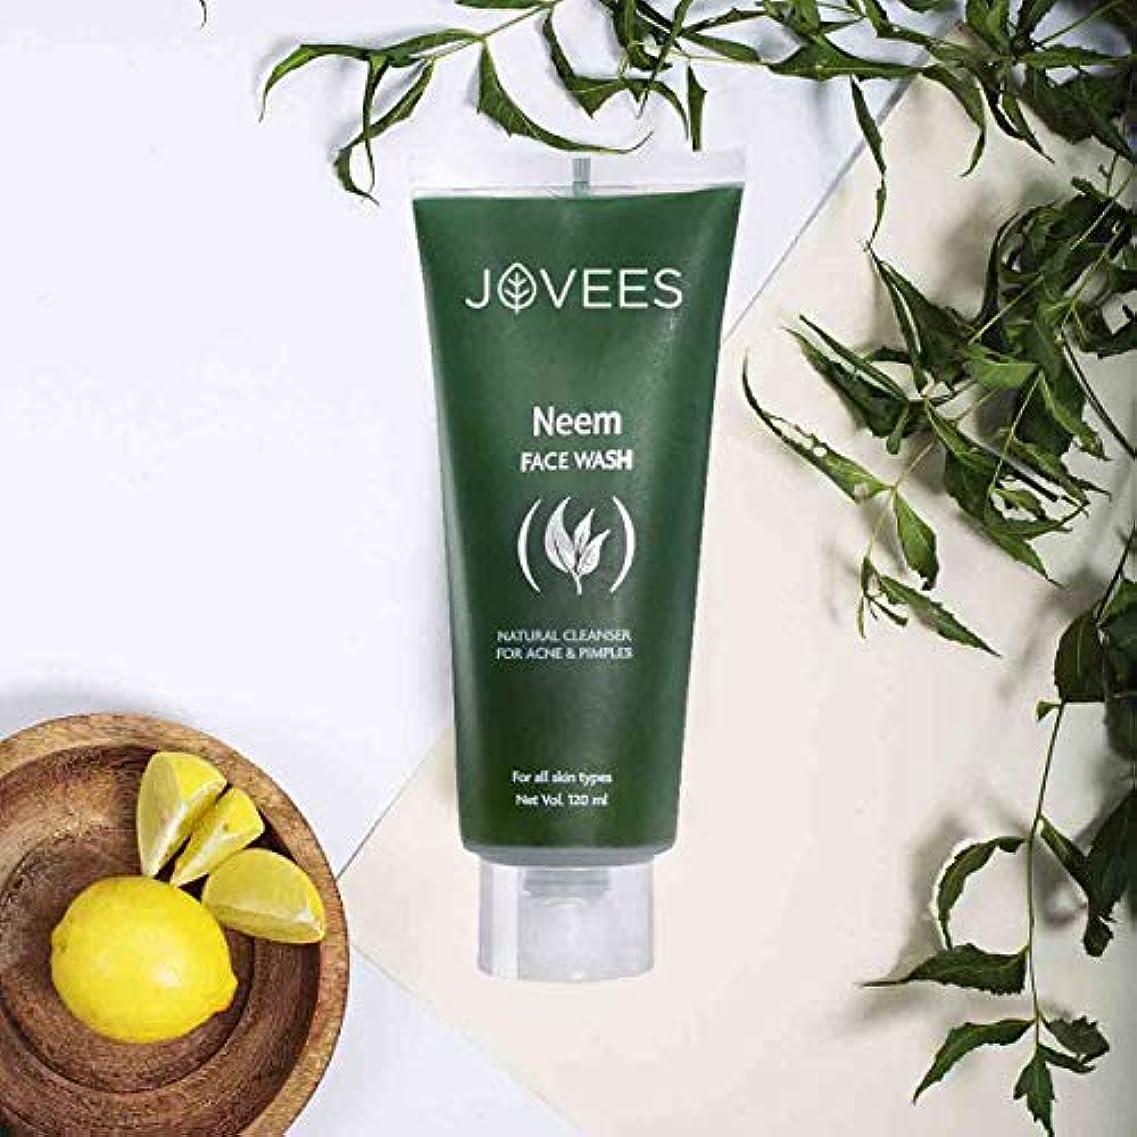 視線神もう一度Jovees Natural Neem Face Wash 120ml help mitigate pimple & Acne improve skin complexion ナチュラルニームフェイスウォッシュがニキビの...